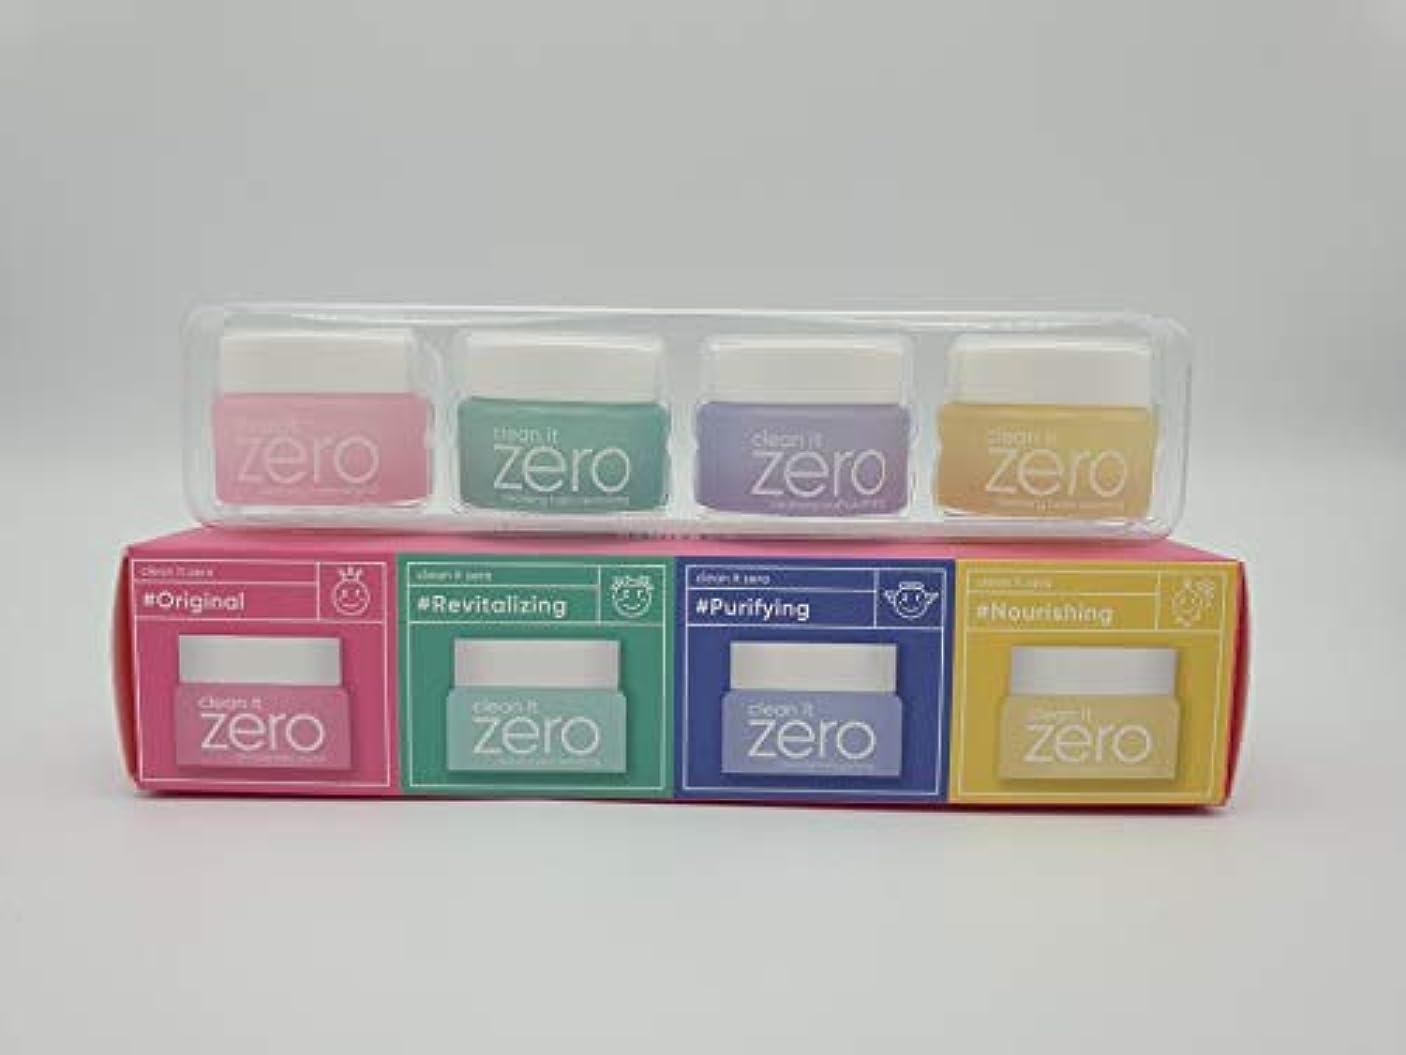 デコードする人間アクセスBANILA CO Clean It Zero Special Kit (7ml×4items)/バニラコ クリーン イット ゼロ スペシャル キット (7ml×4種) [並行輸入品]